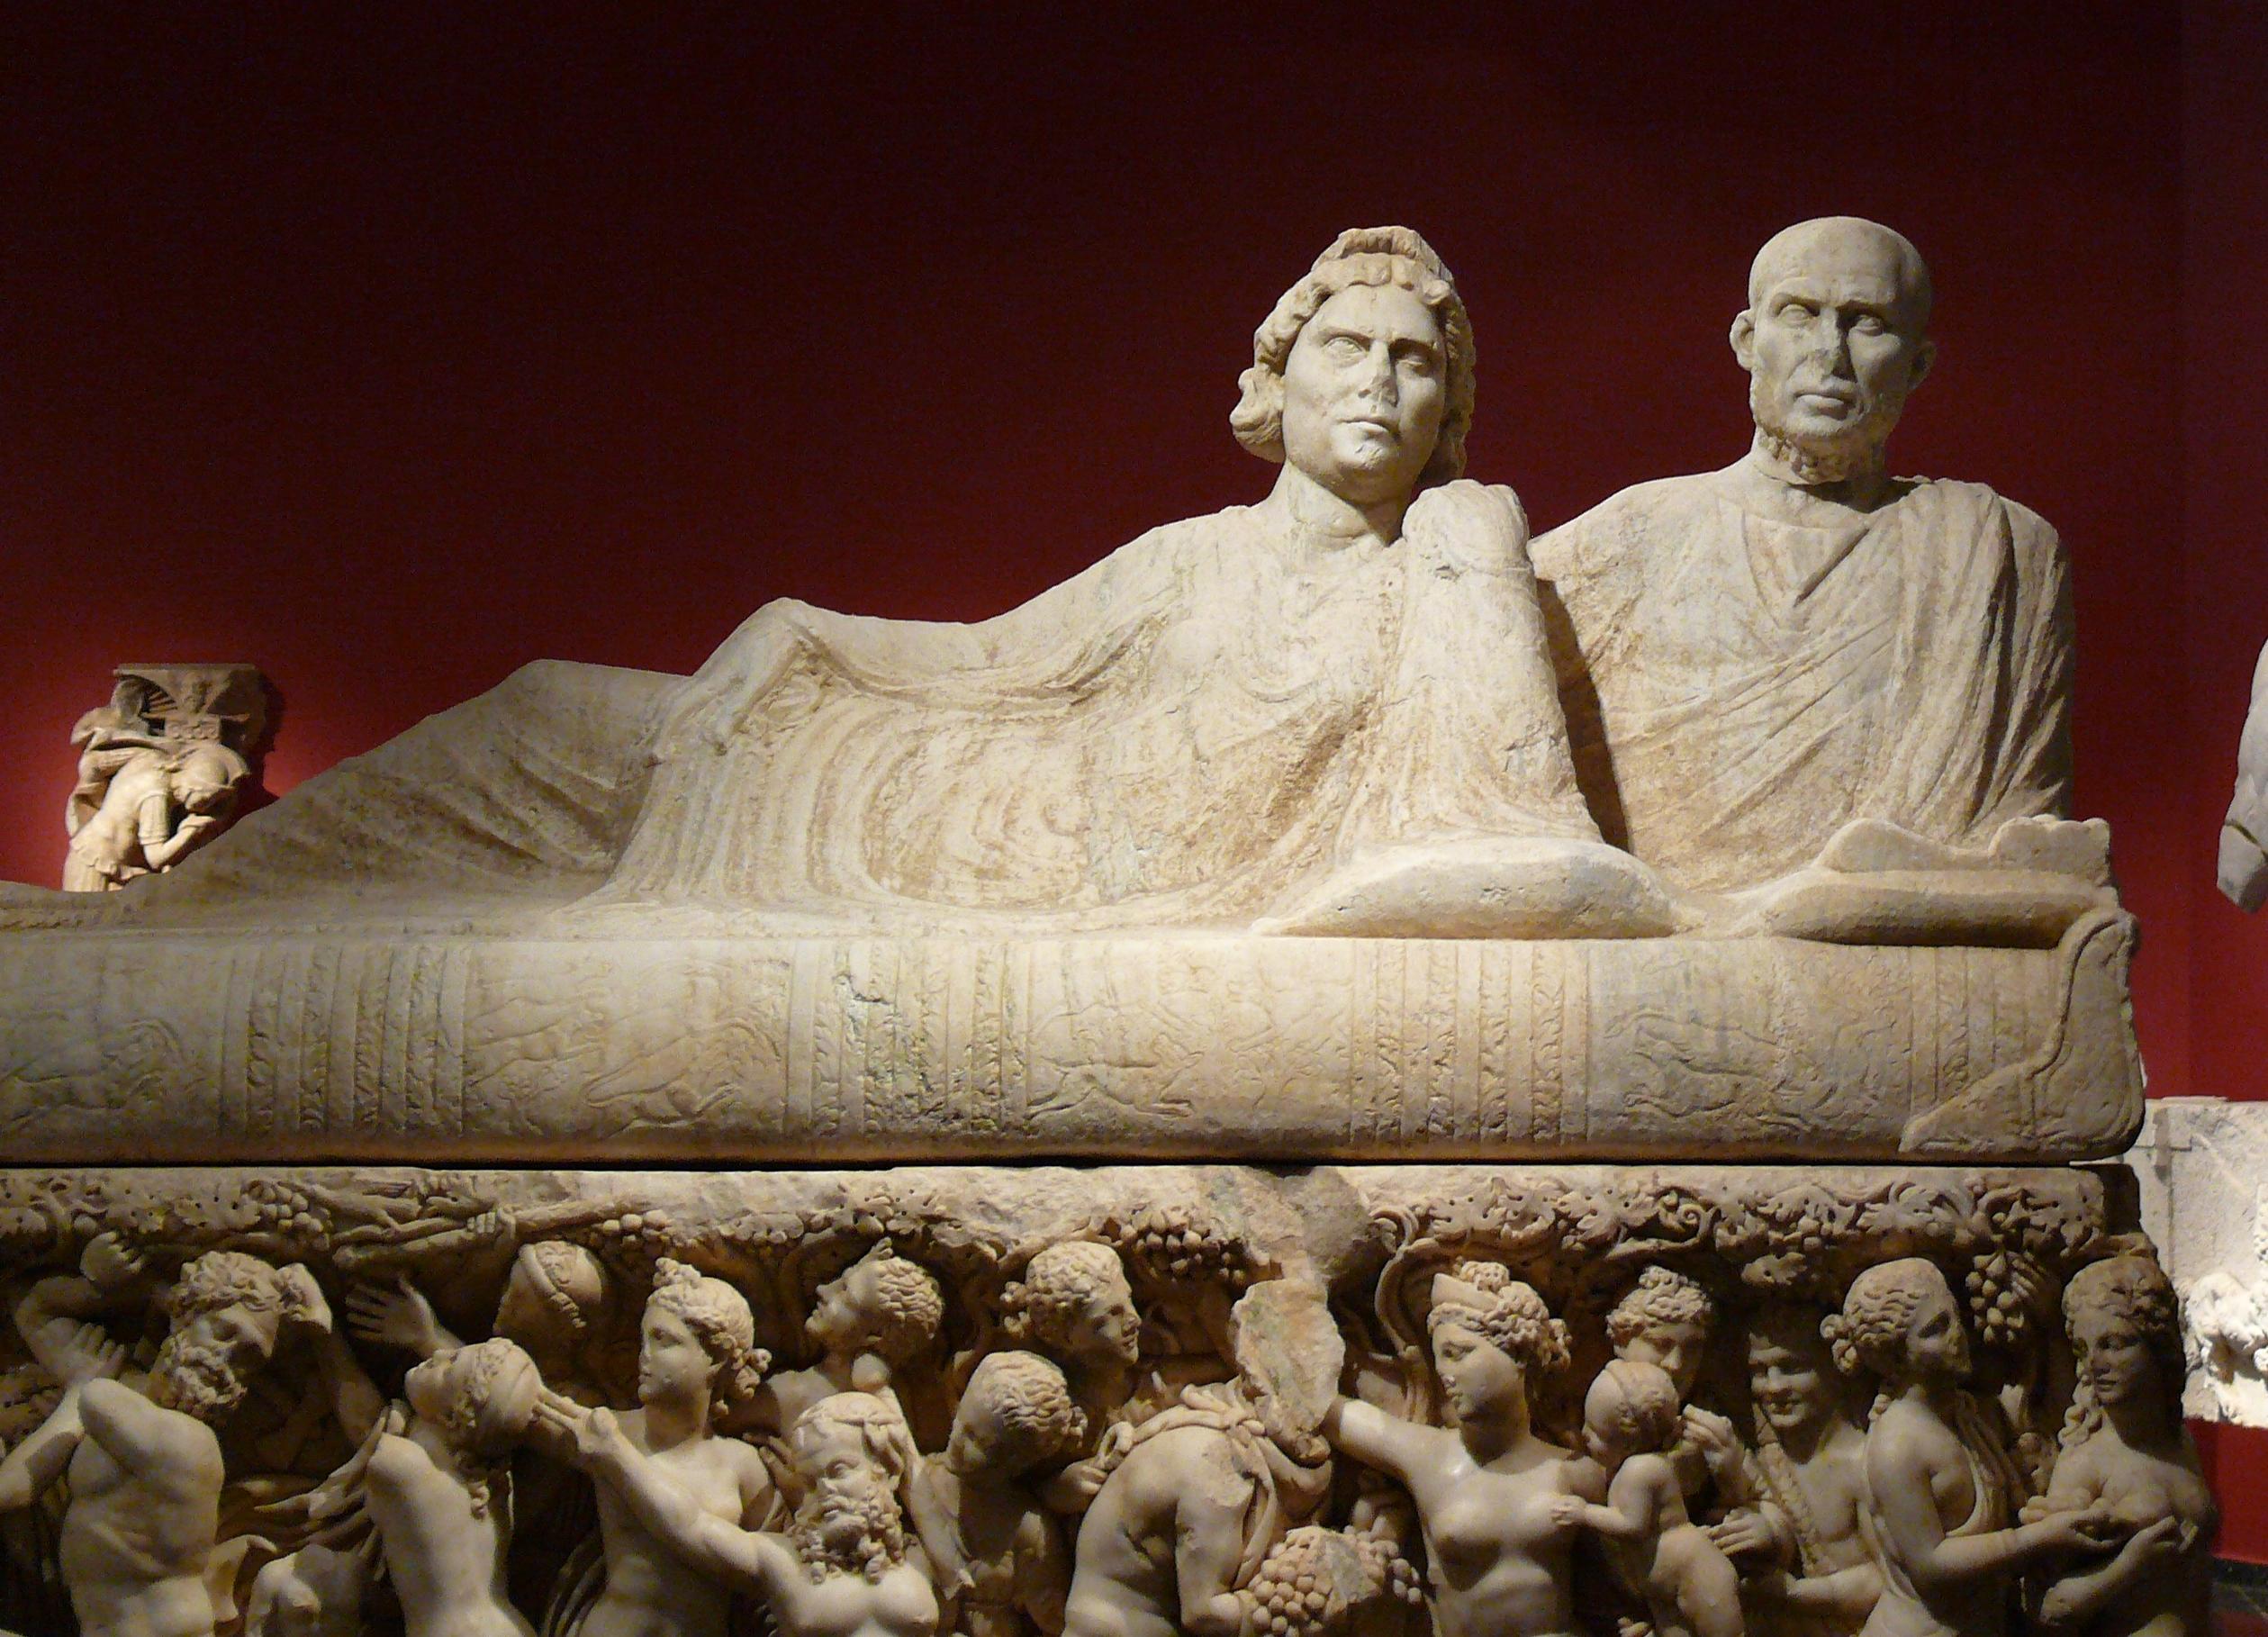 File:Antalya museum 899.JPG - Wikimedia Commons